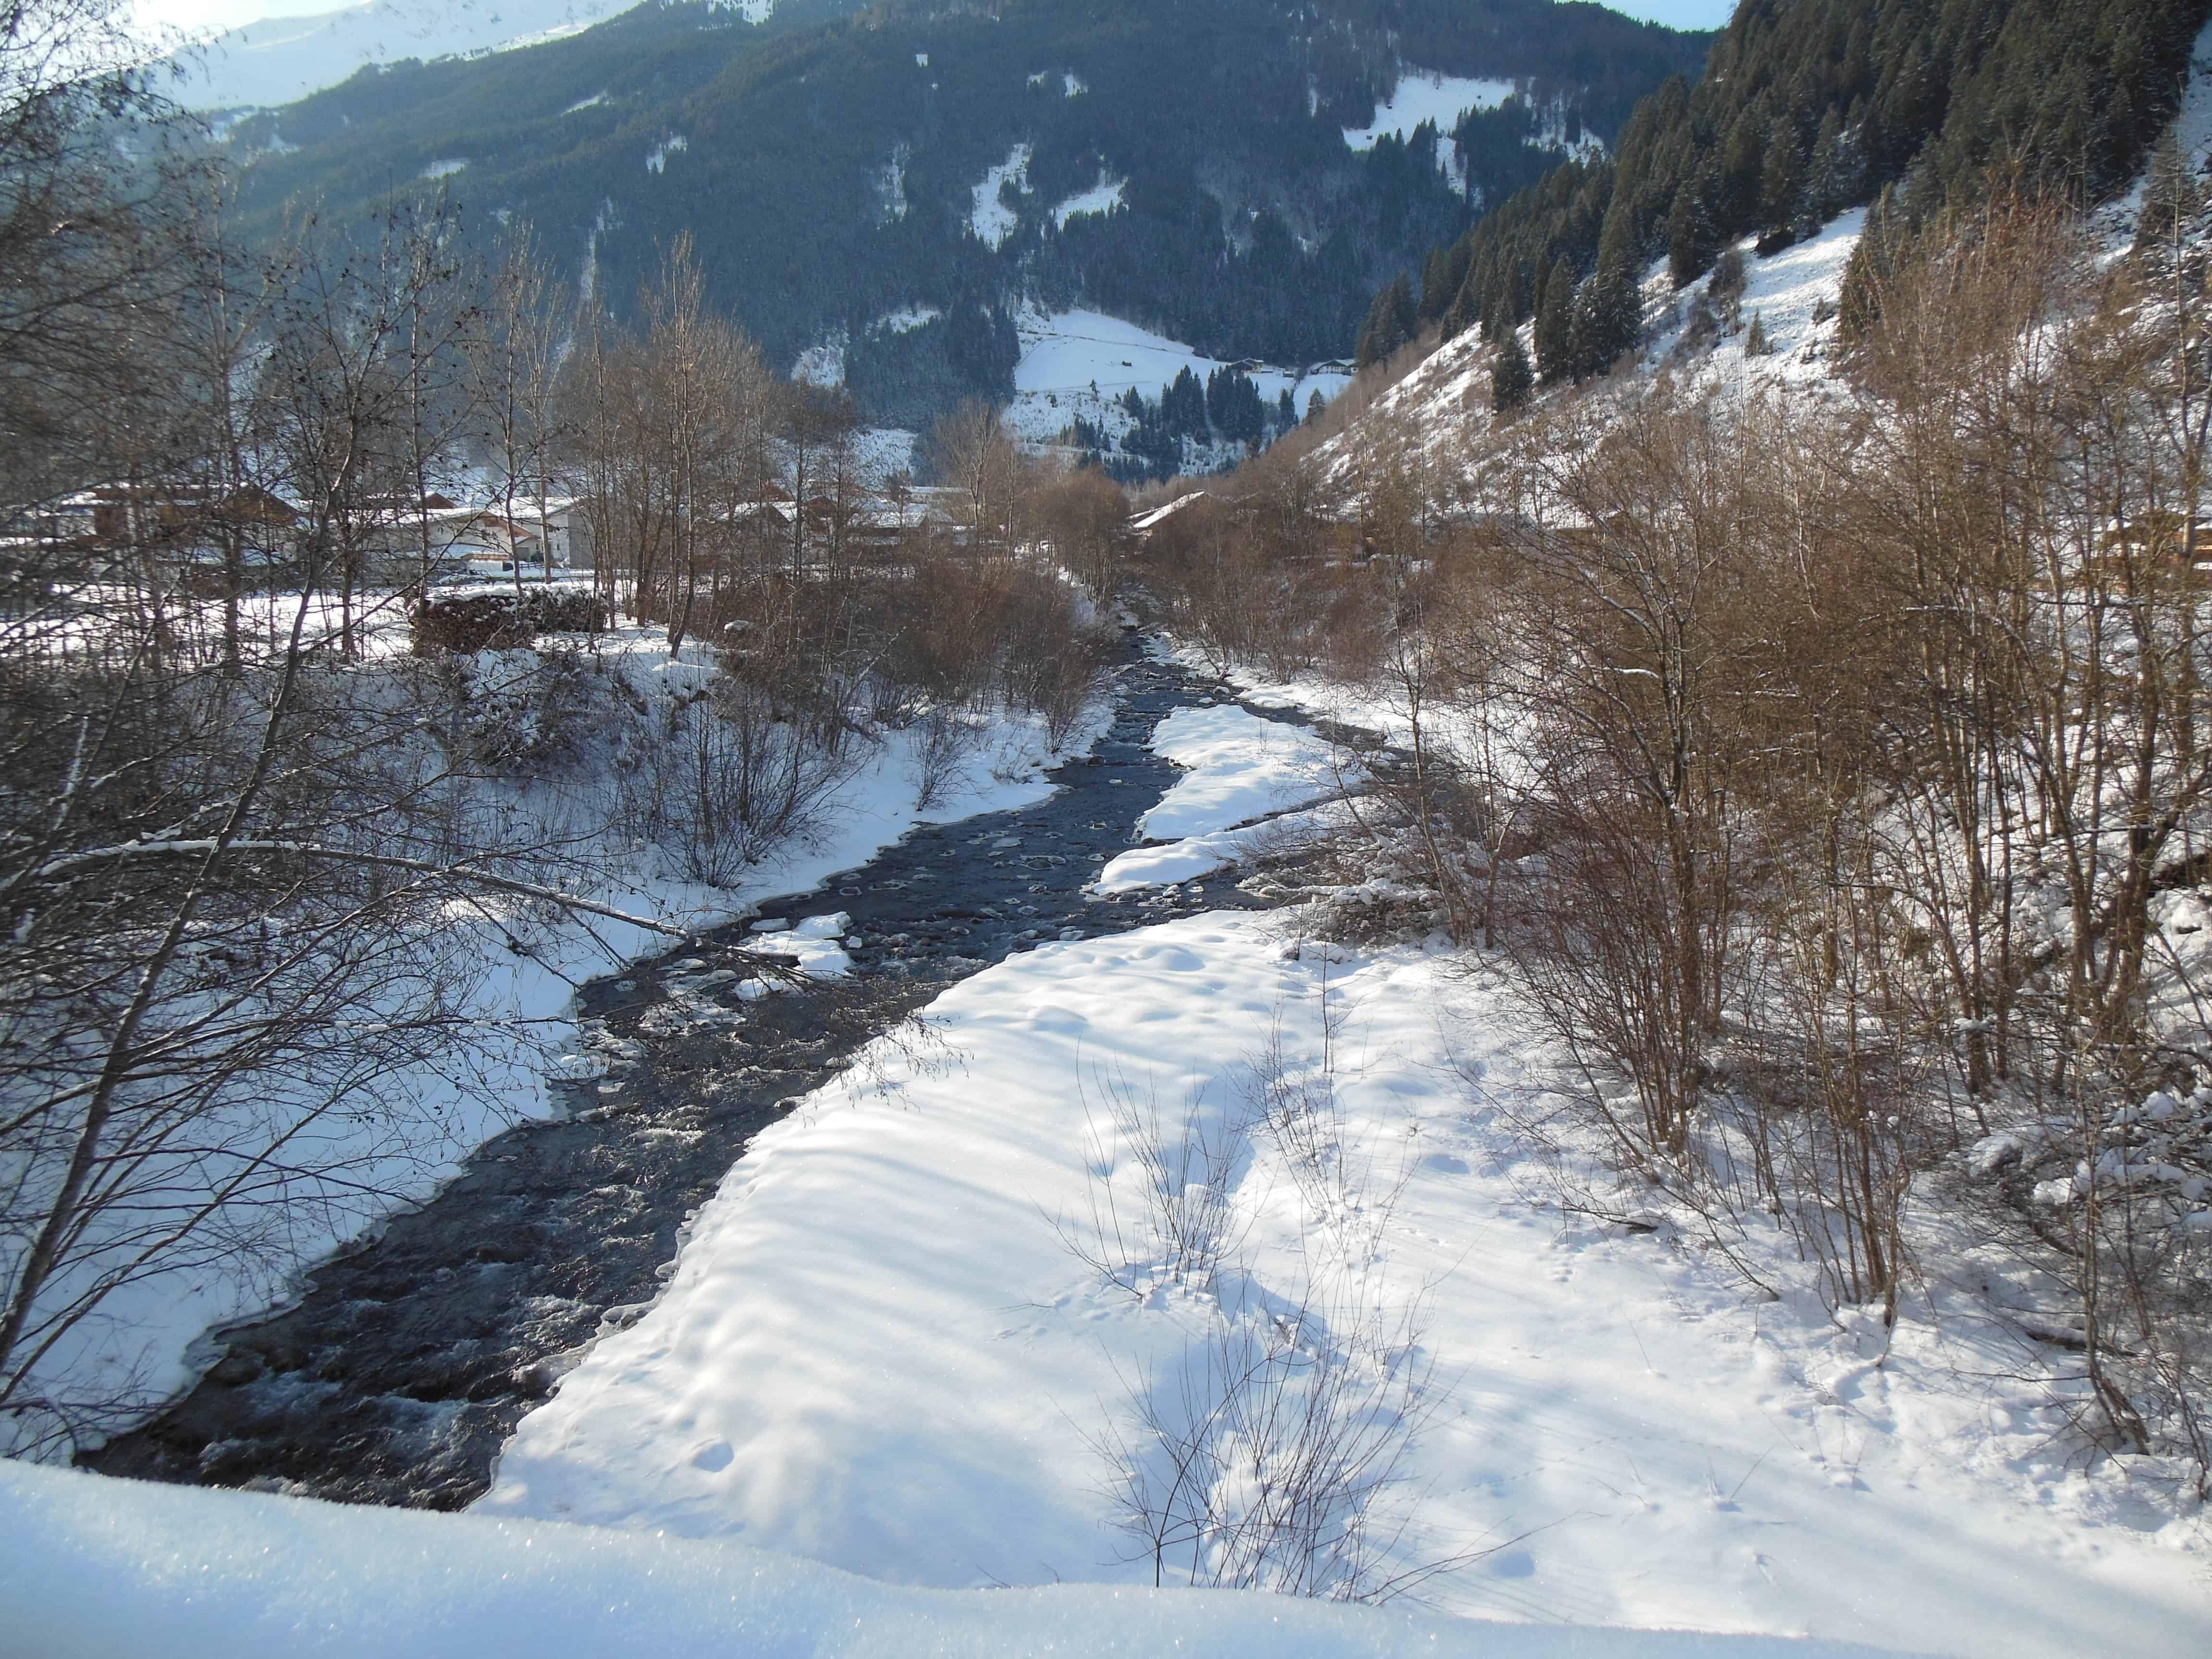 Bild vom Fluss Ruetz, die durch das Stubaital fliesst